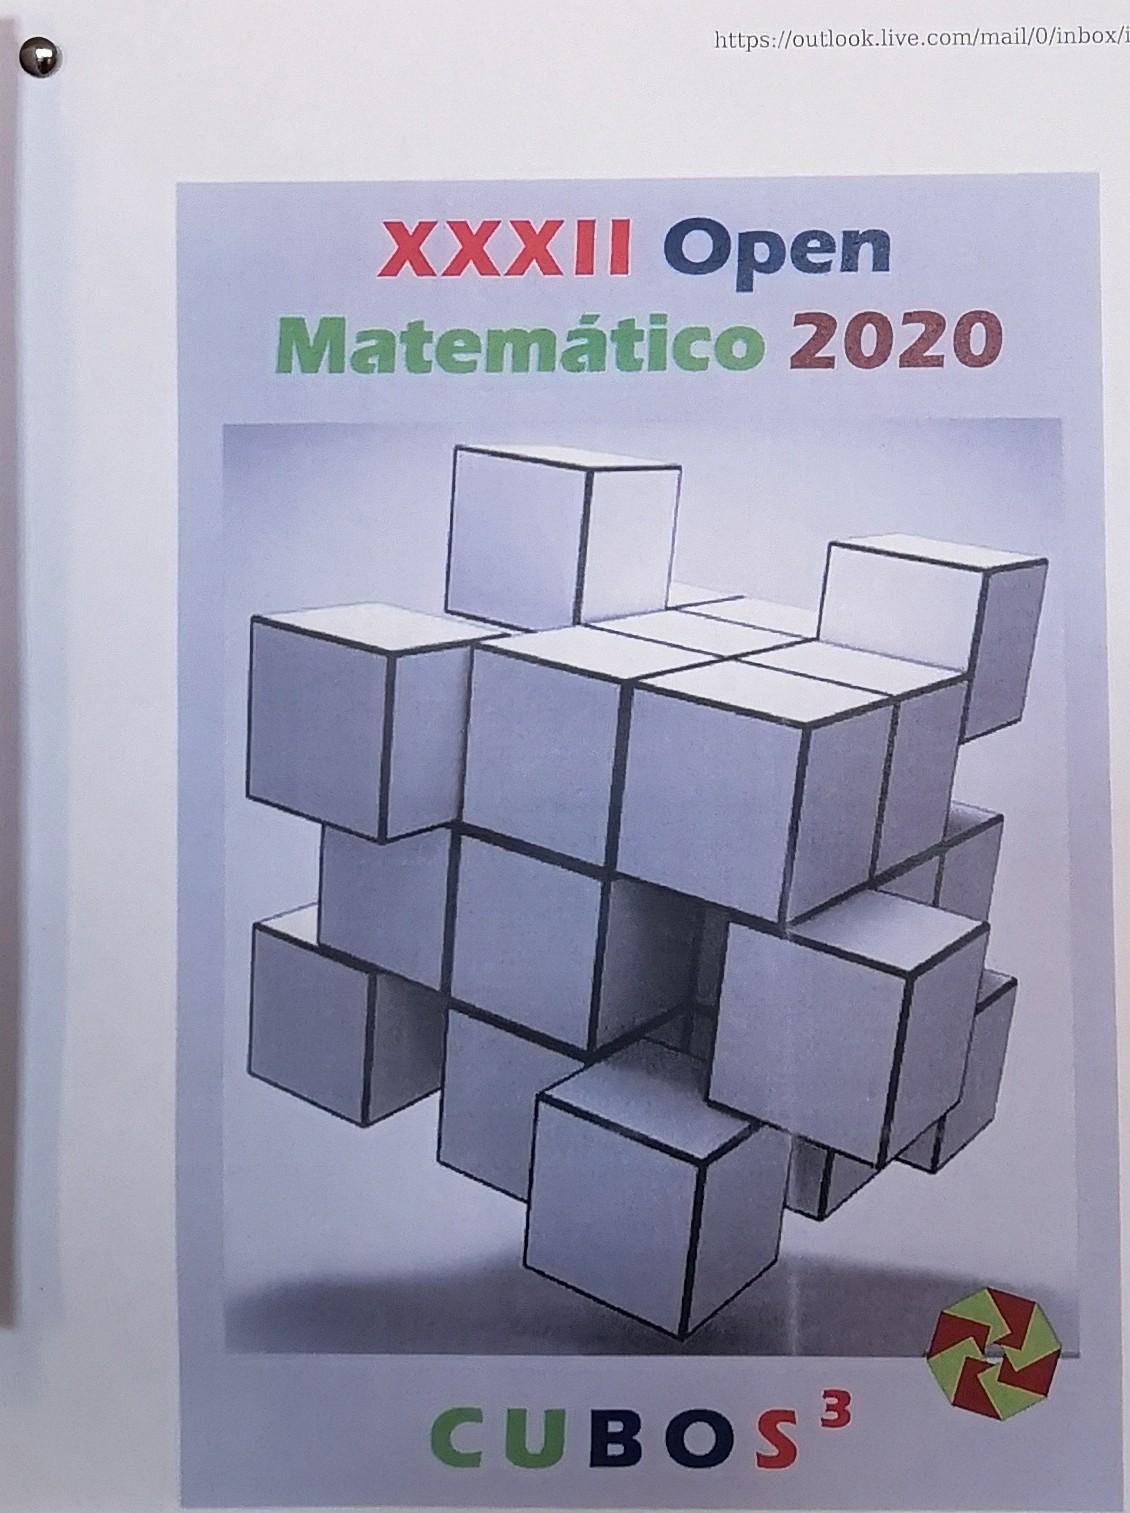 XXXII Open